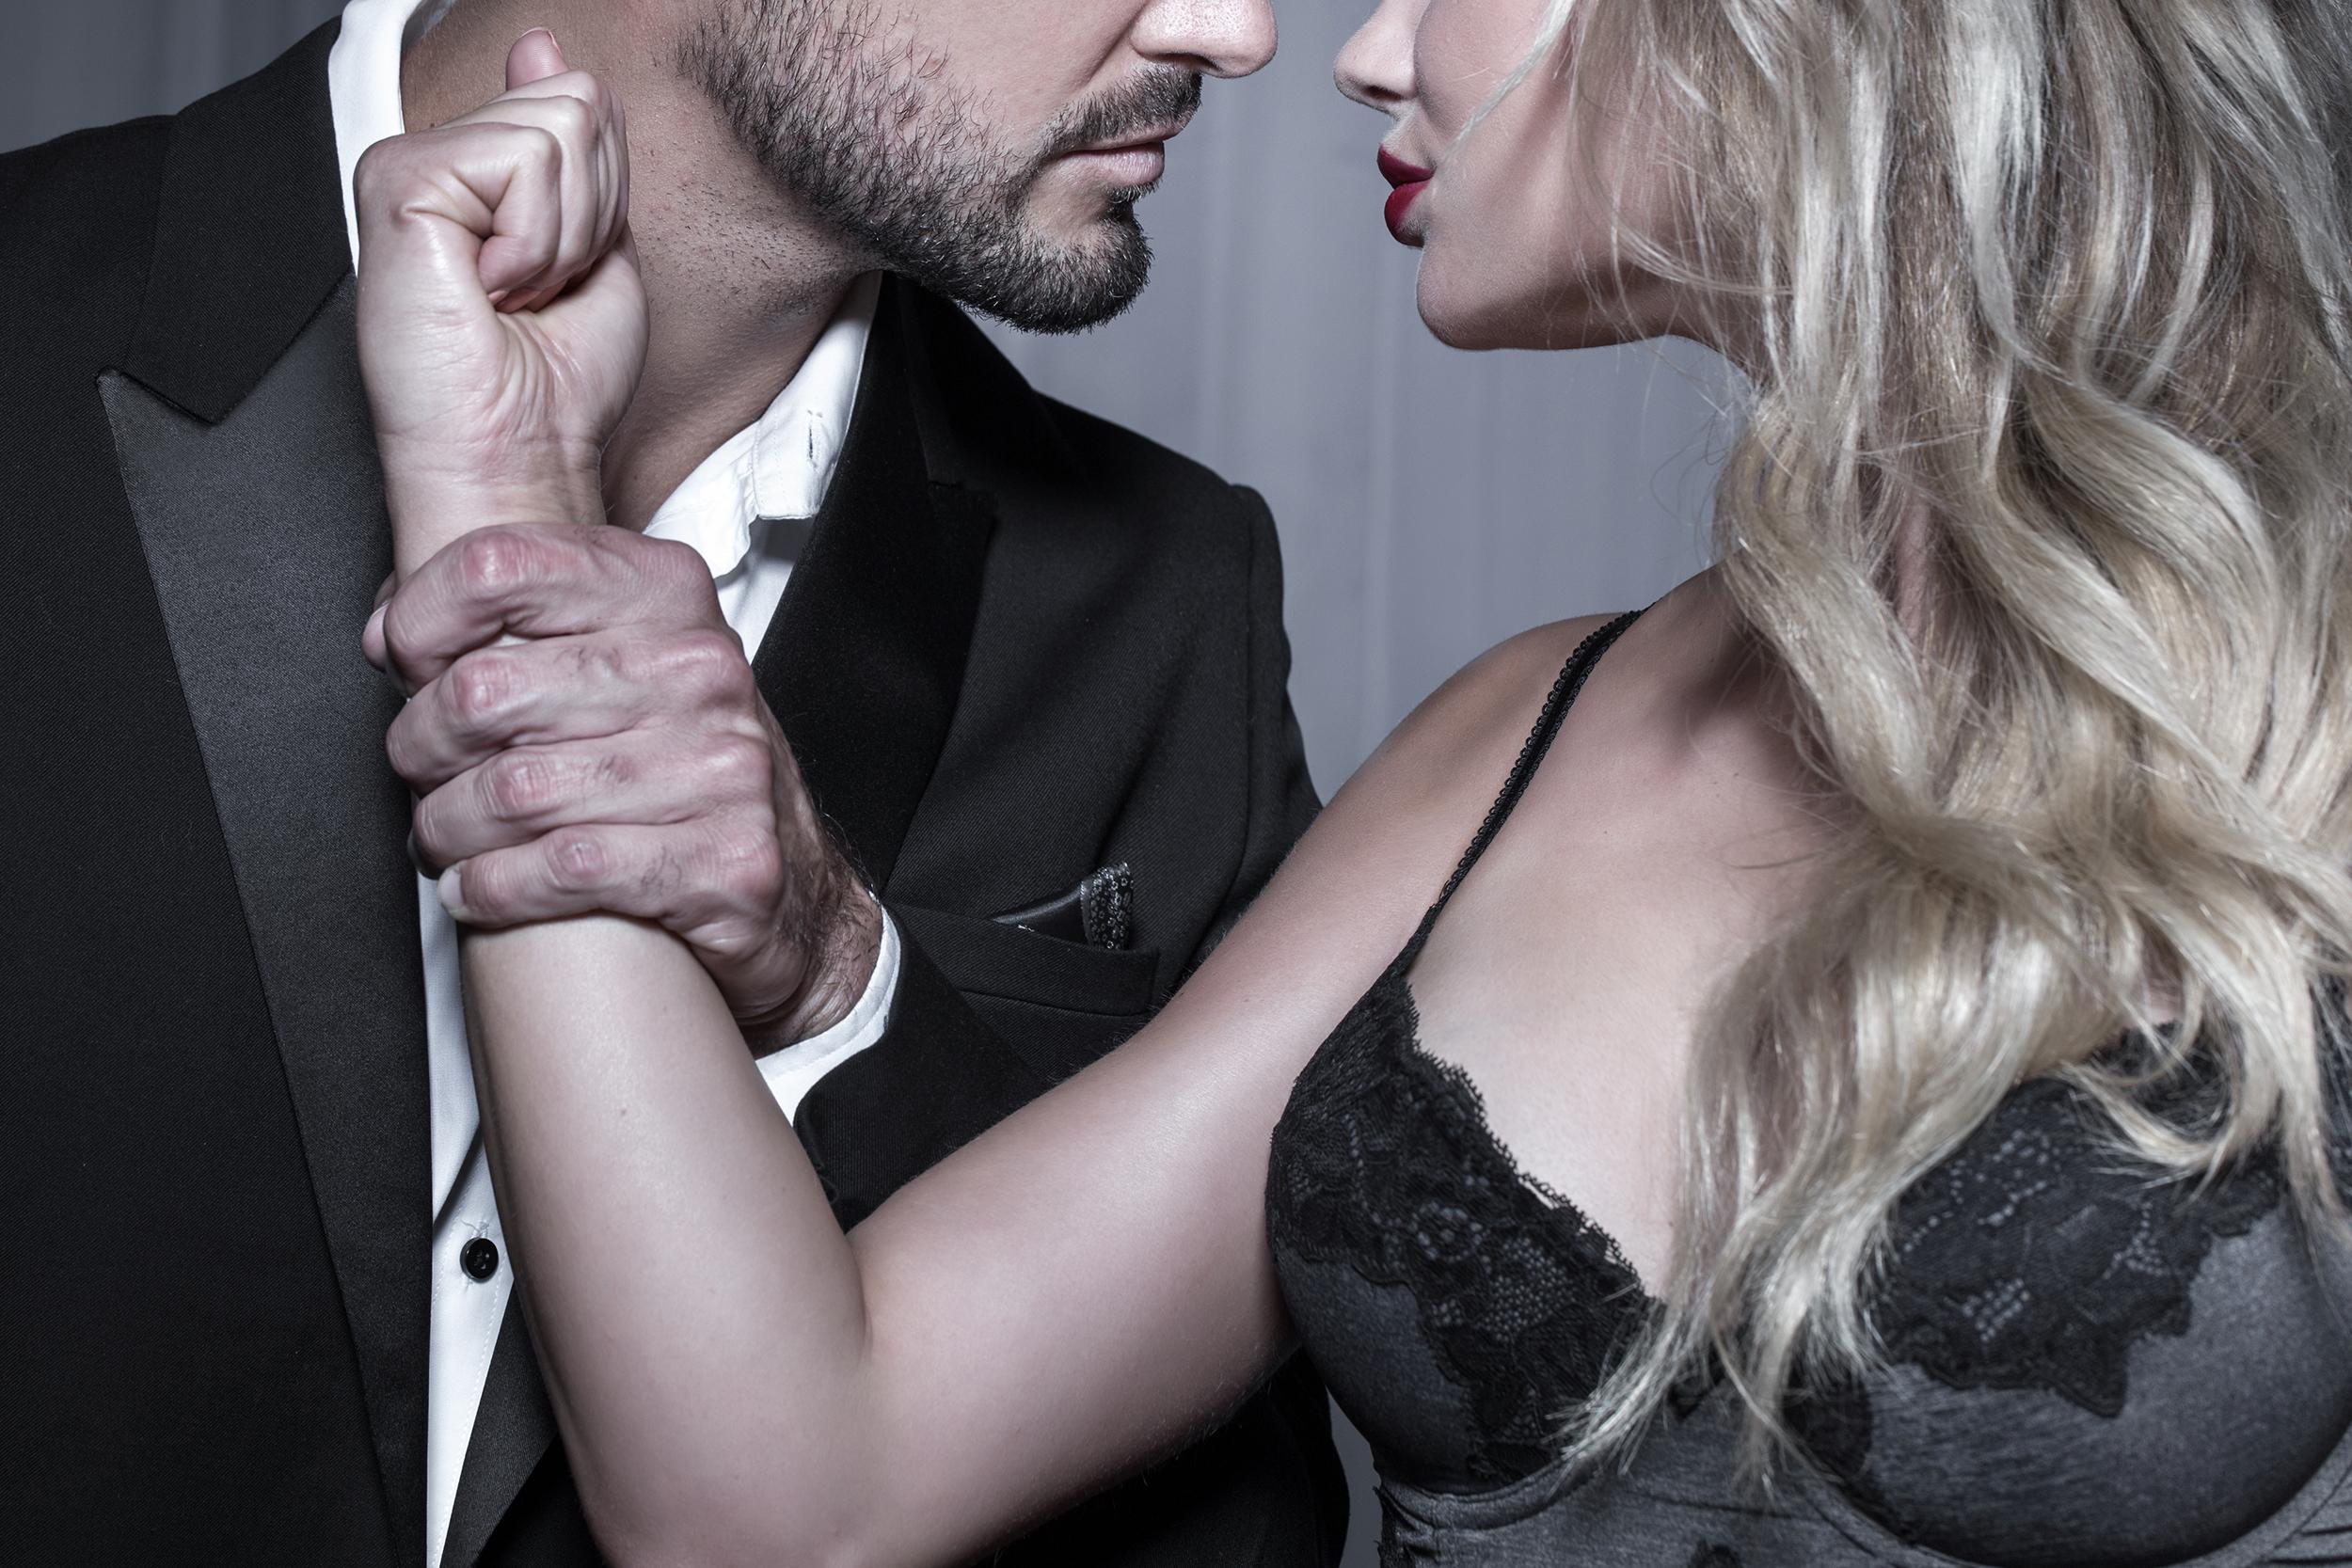 Erotik_Paar_03_web